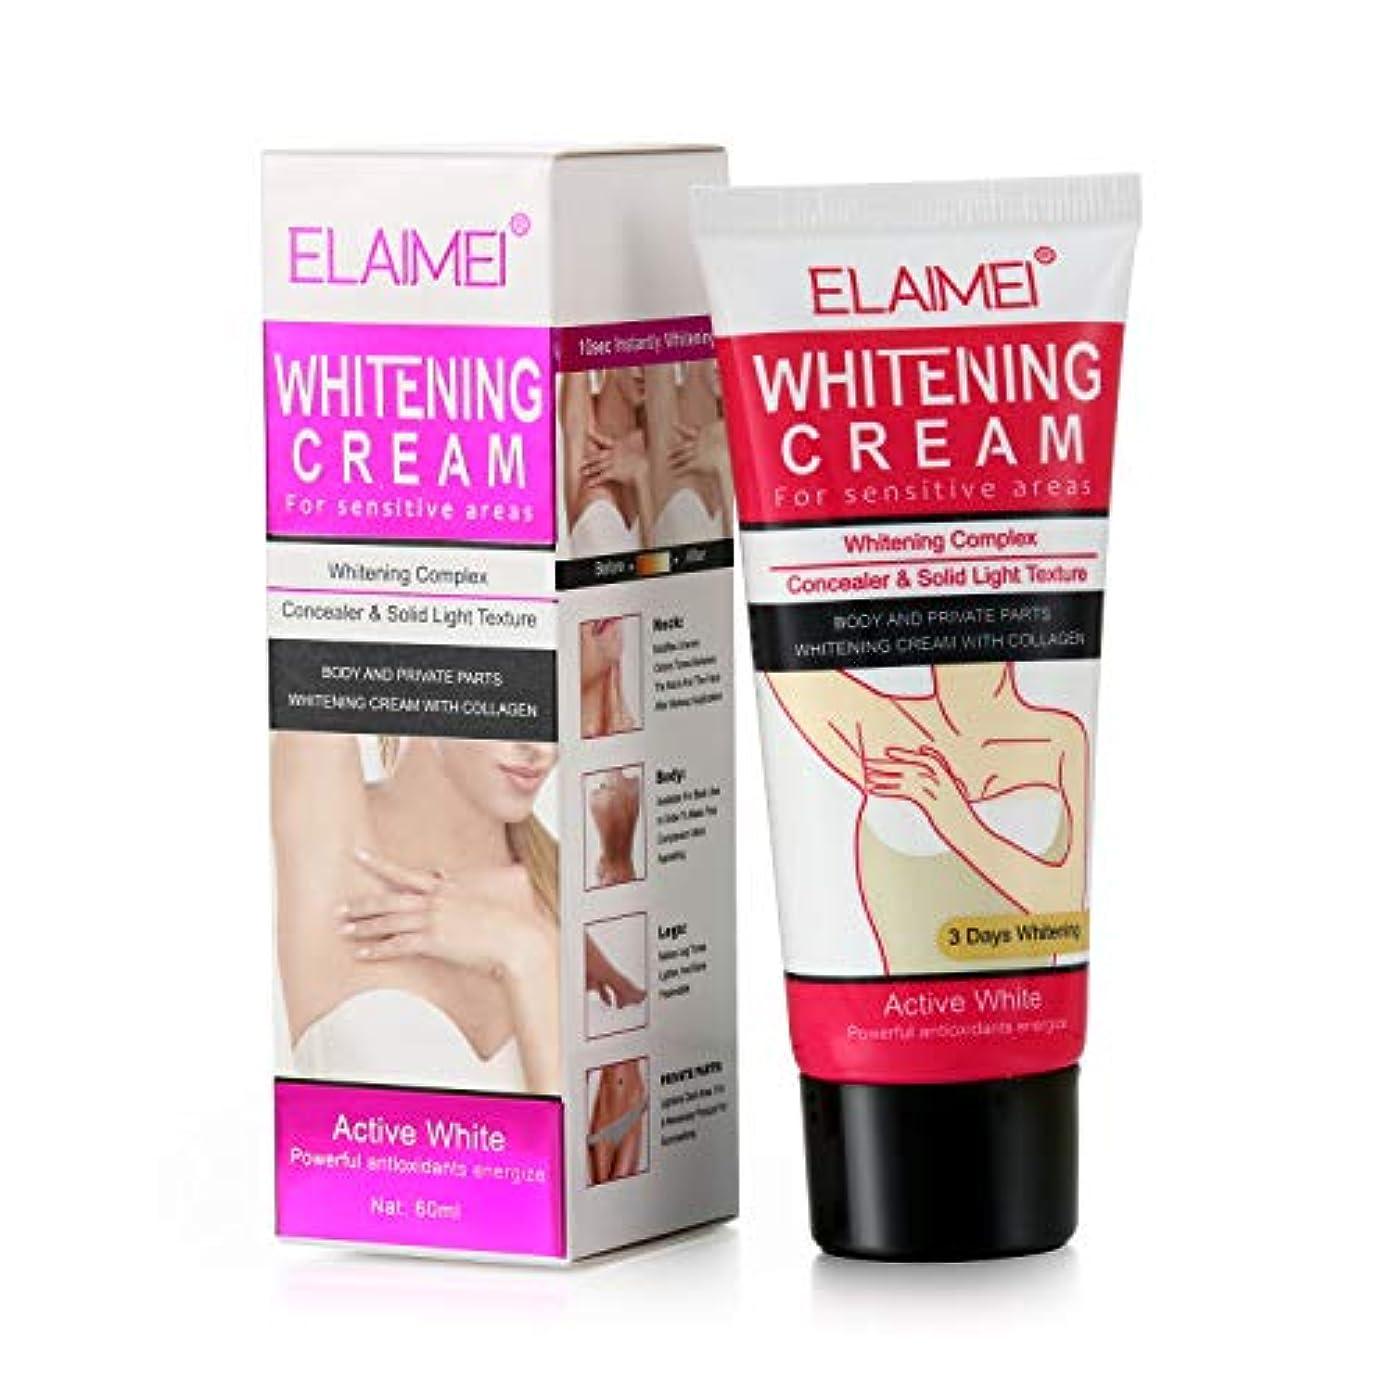 しかしながら印刷する厚くするJewelryWe ワキ 乳液クリーム 保湿 クリーム 脇 クリーム 黒ずみ 脇 汚れ わき 美白 自然成分 皮膚保護 クリーム